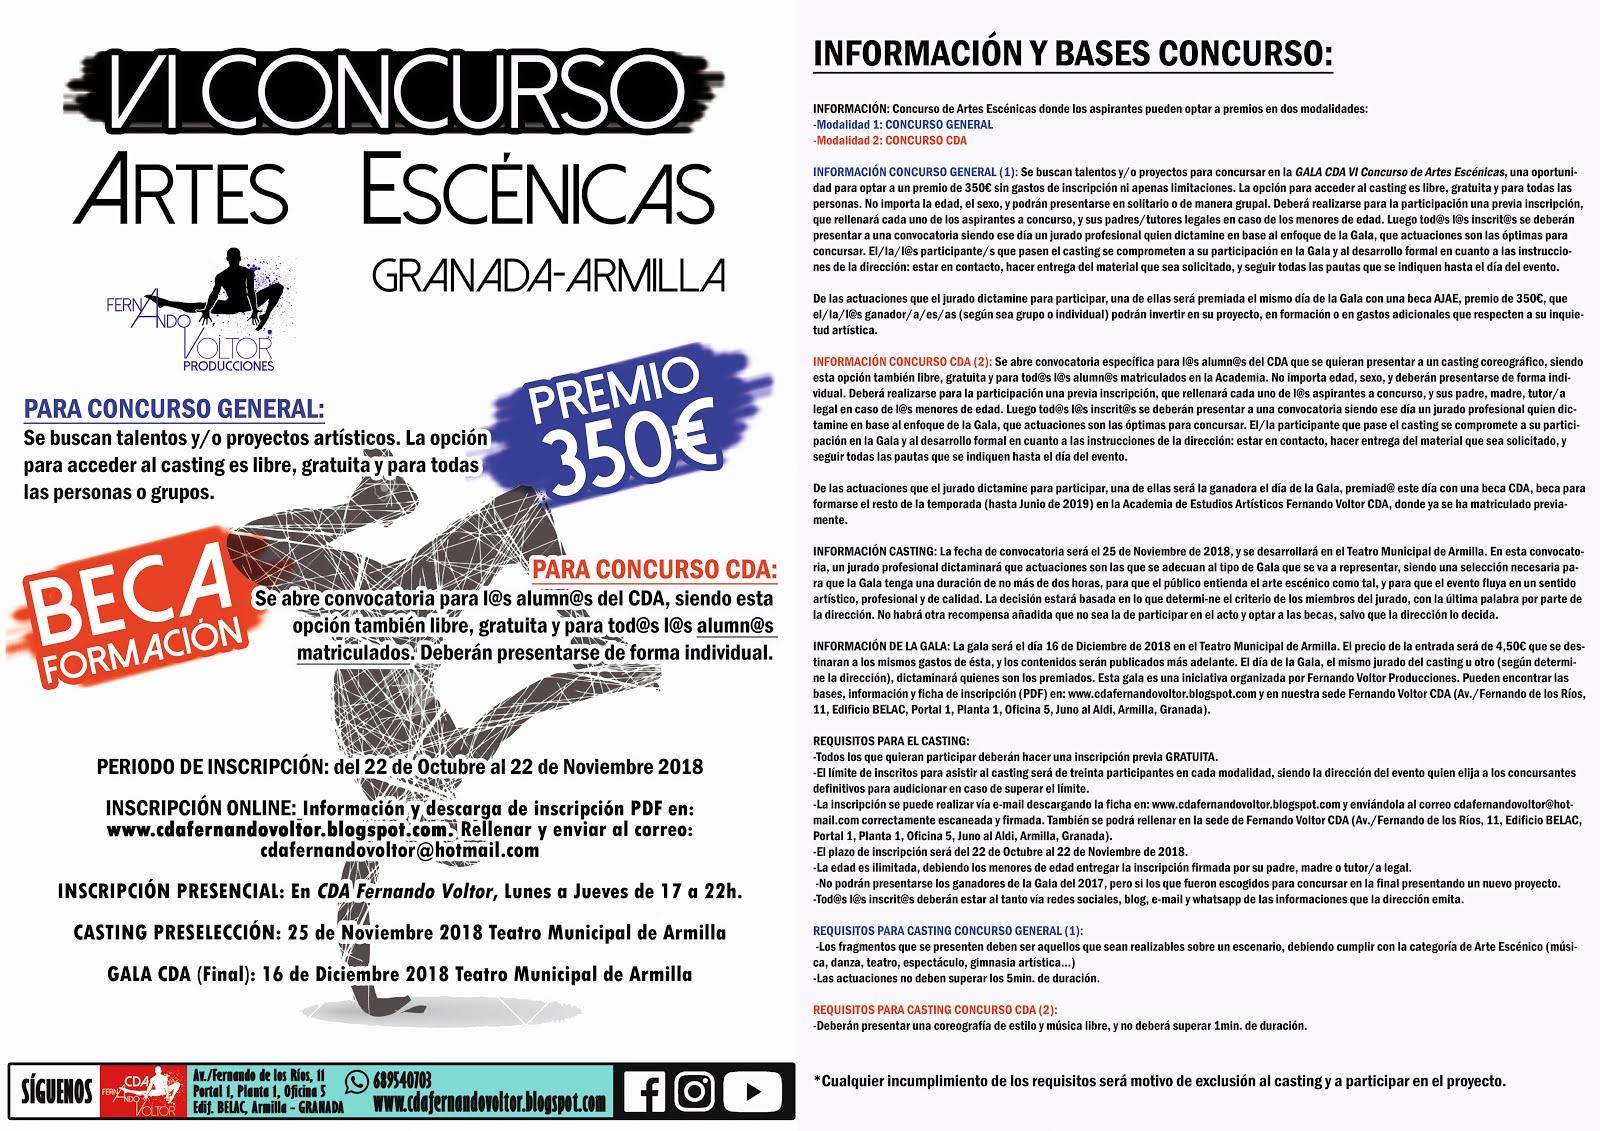 VI Concurso Artes Escénicas